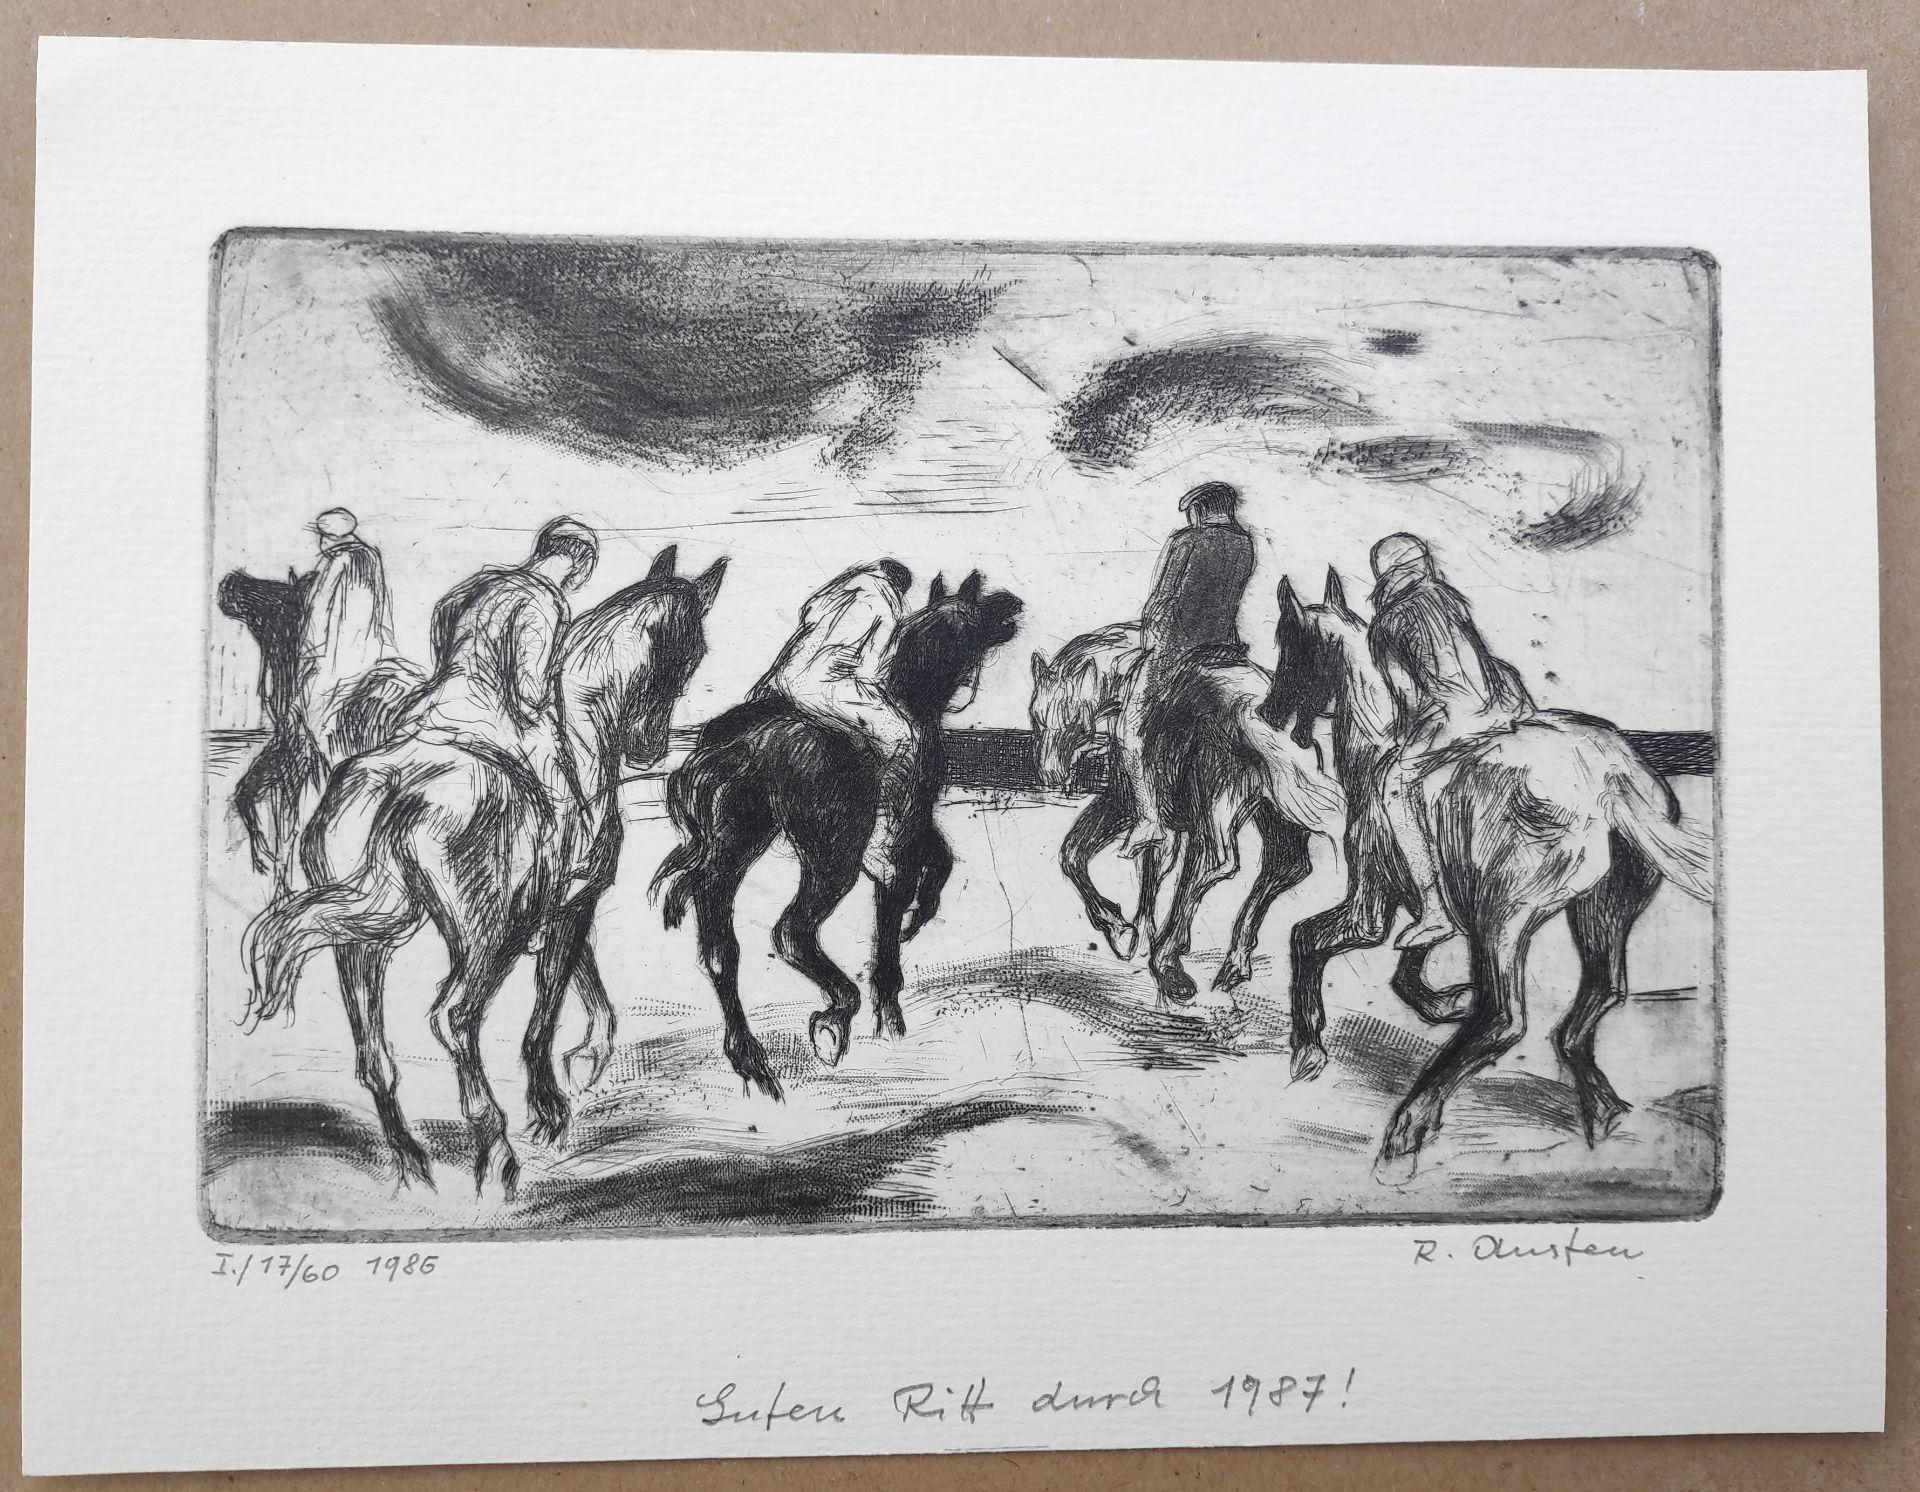 """Austen, Rudolf (1931 Hainspach – 2003 Rostock) 5 Radierungen: """"Kutter"""" (1985) / """"Steilküste"""" (1988) - Bild 6 aus 6"""